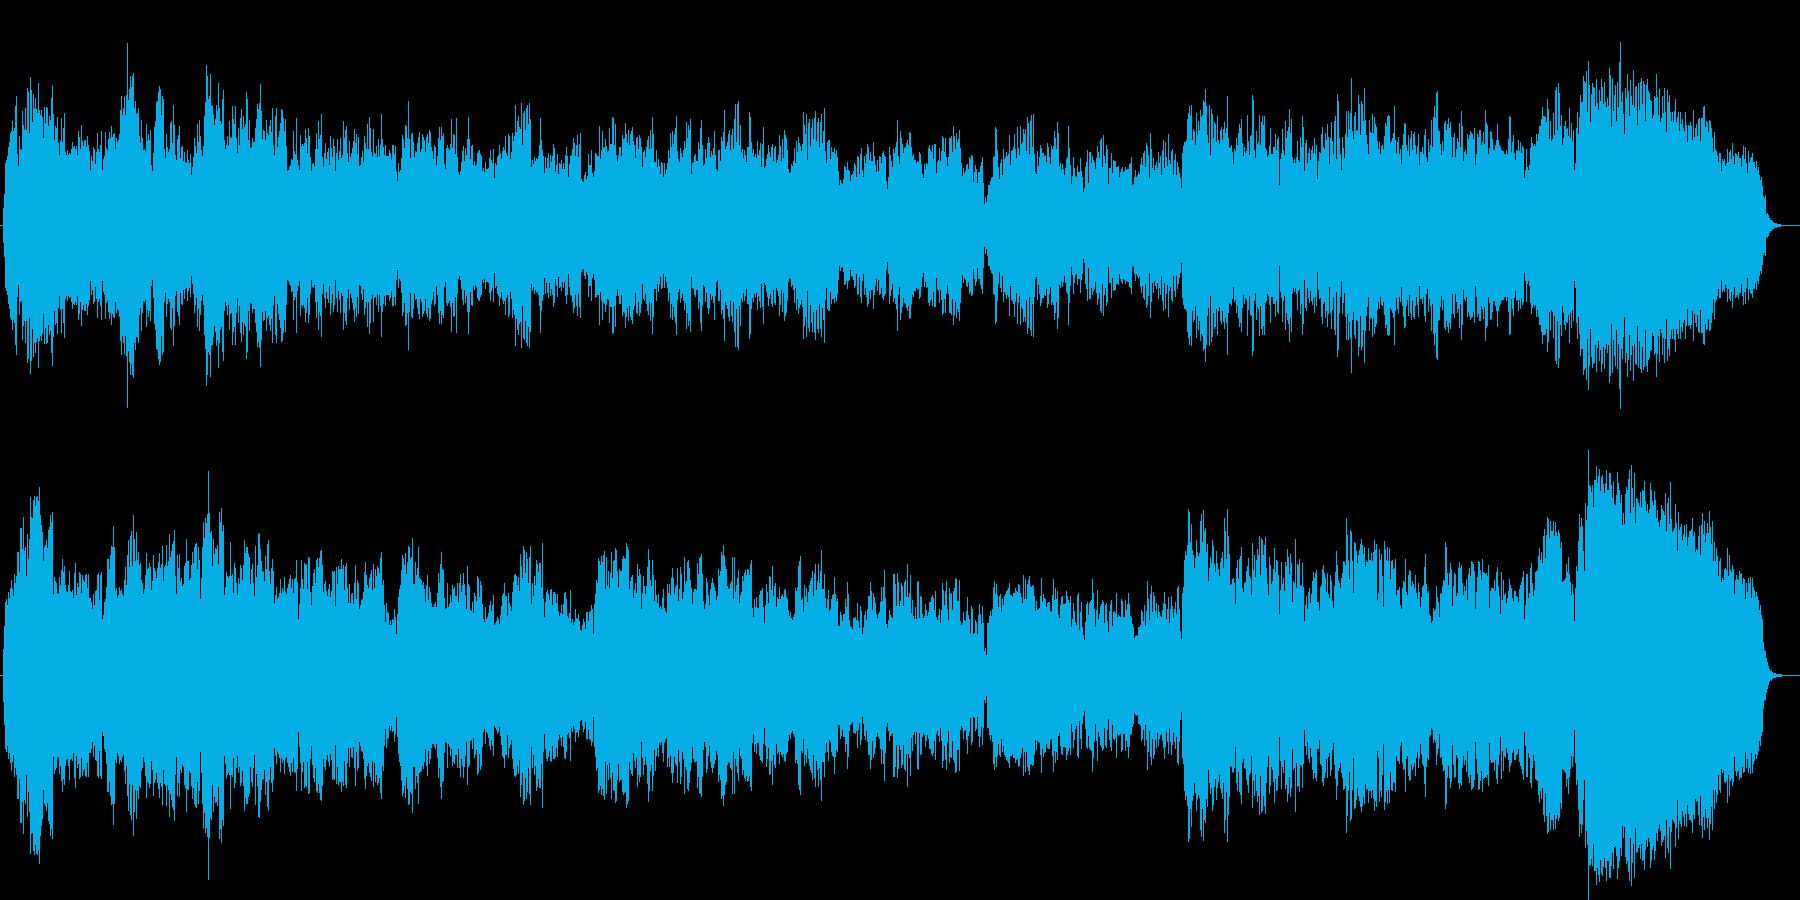 哀愁のあるバロック風オリジナル弦楽三重奏の再生済みの波形